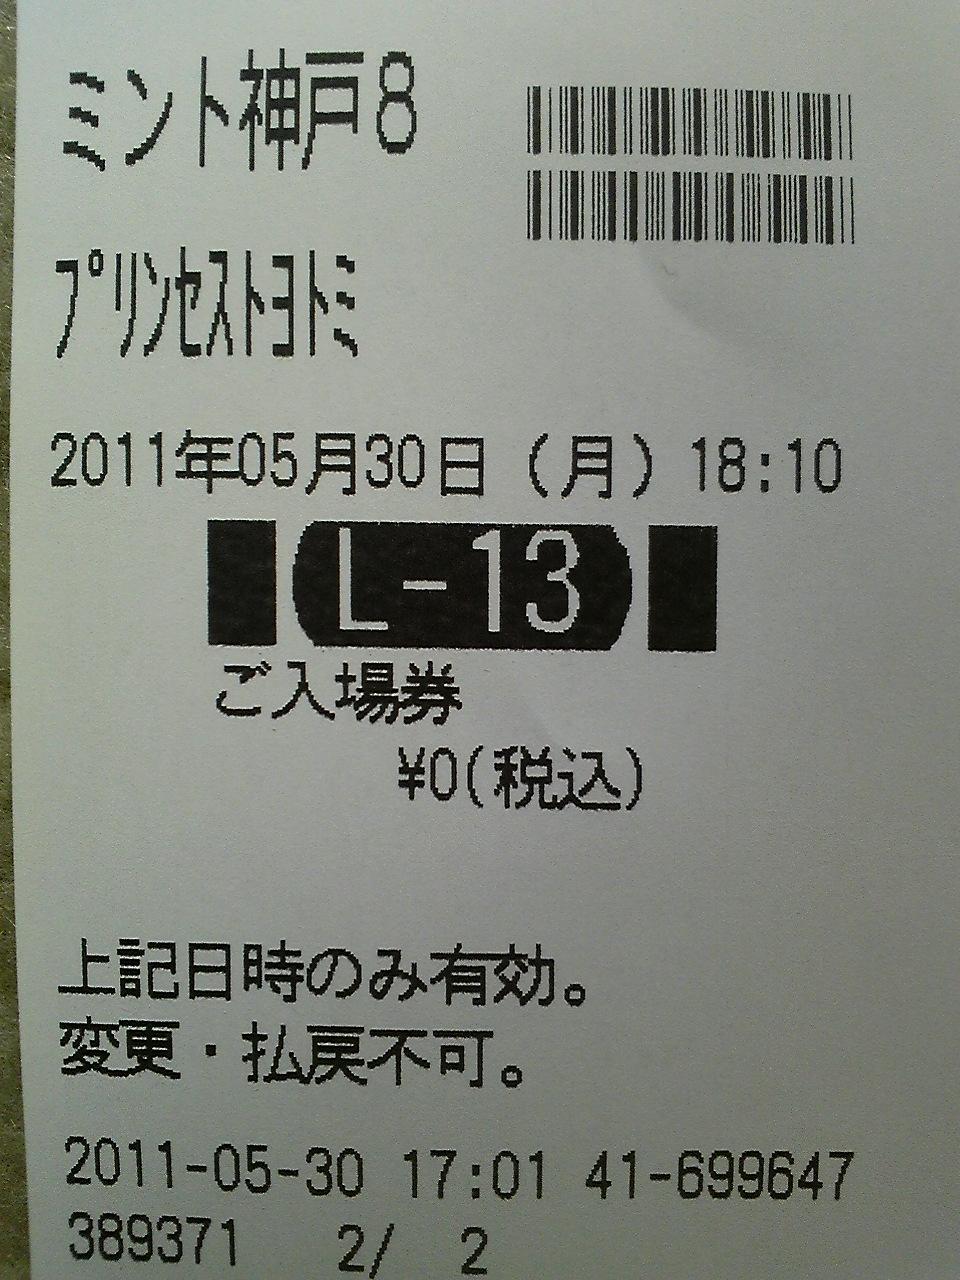 プリンセス・トヨトミ